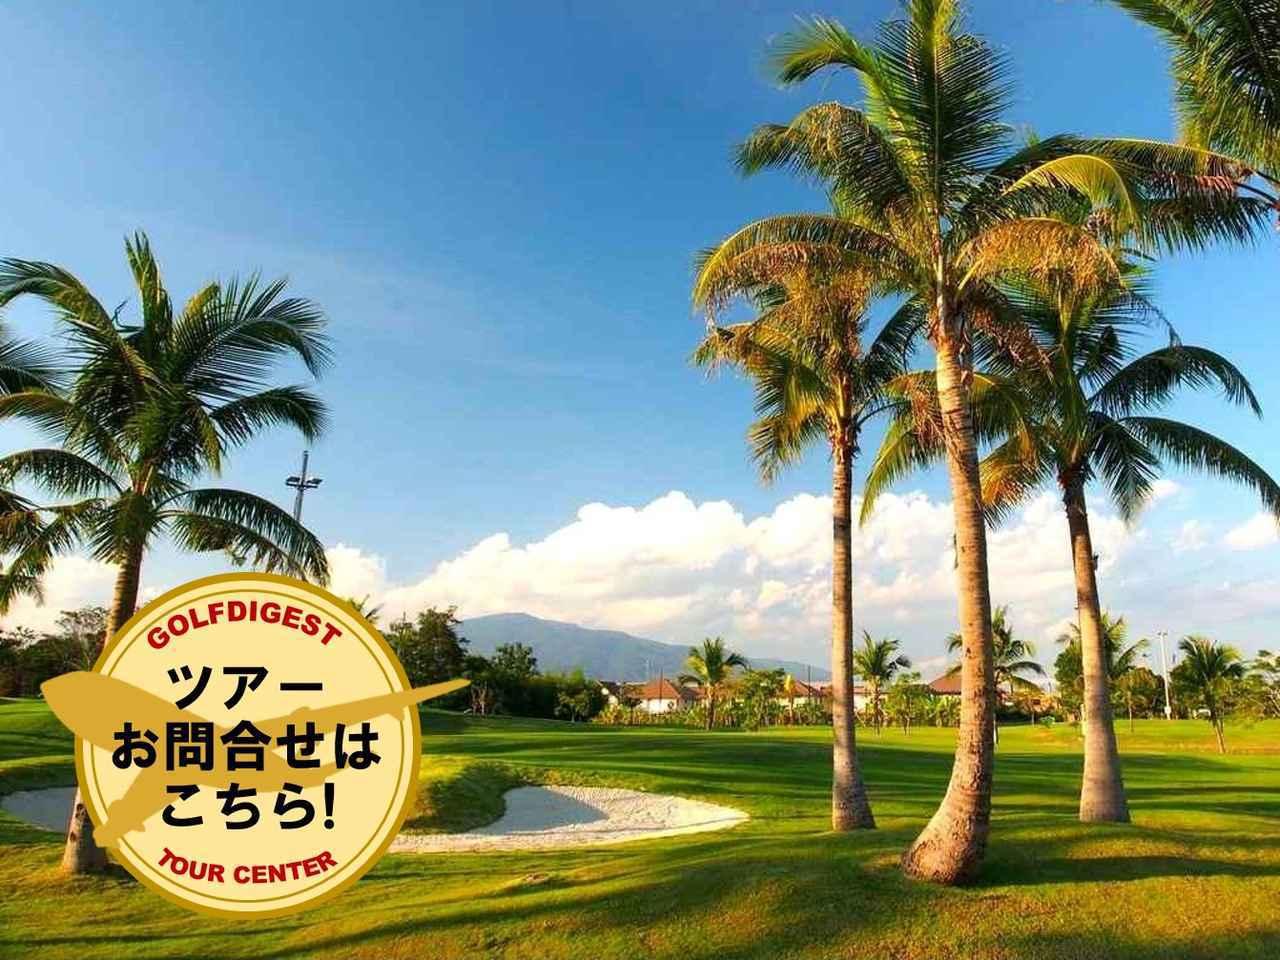 画像: 【タイ・合宿】チェンマイのチャンピオンコースで短期上達レッスン合宿  5日間 3プレー(添乗員同行/一人予約可能) - ゴルフへ行こうWEB by ゴルフダイジェスト